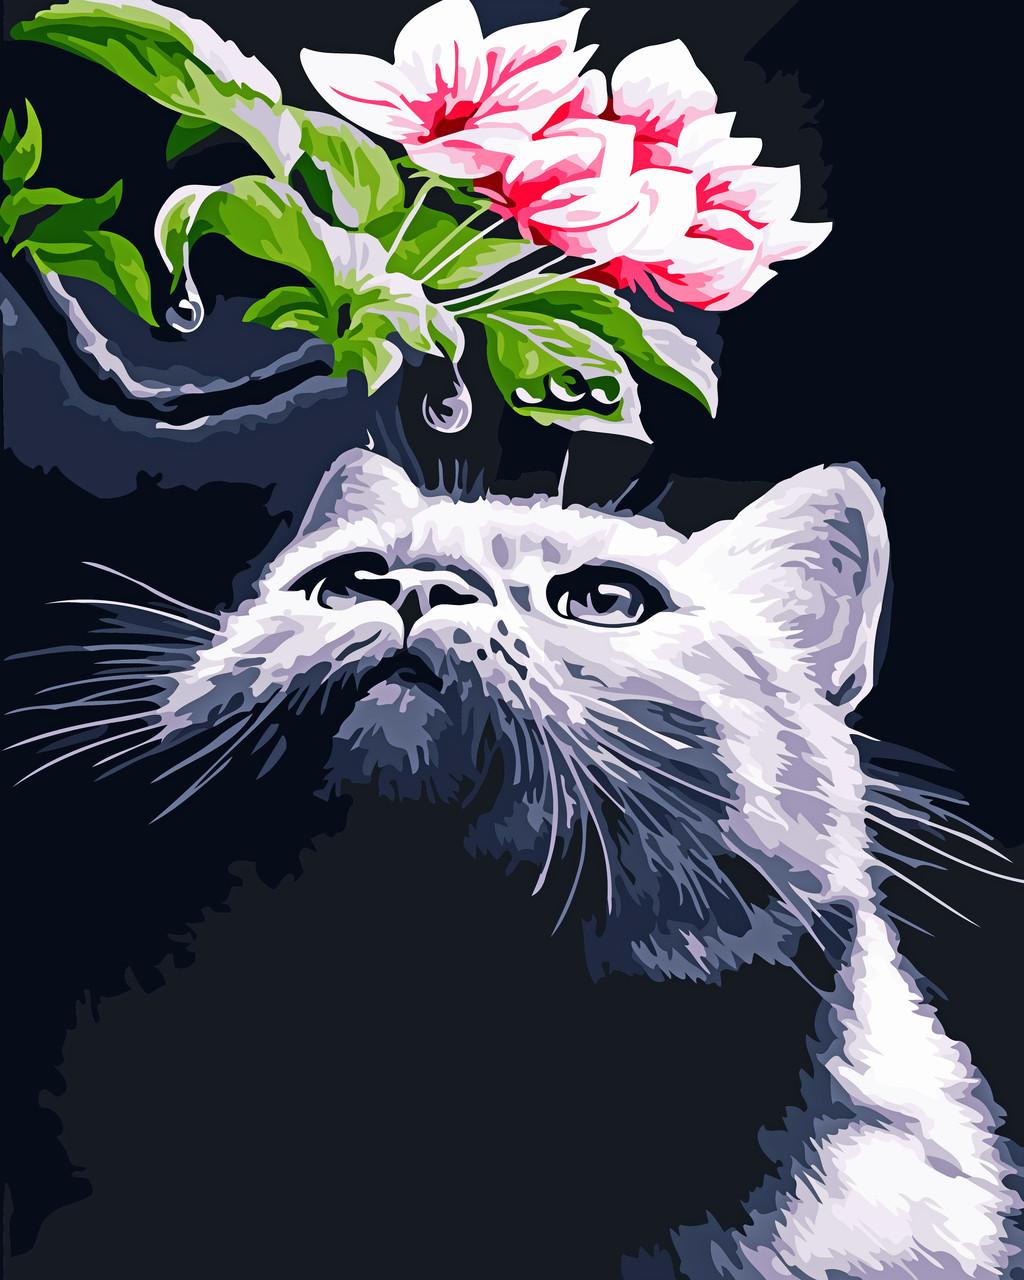 Художественный творческий набор, картина по номерам Кот и магнолия, 40x50 см, «Art Story» (AS0551)